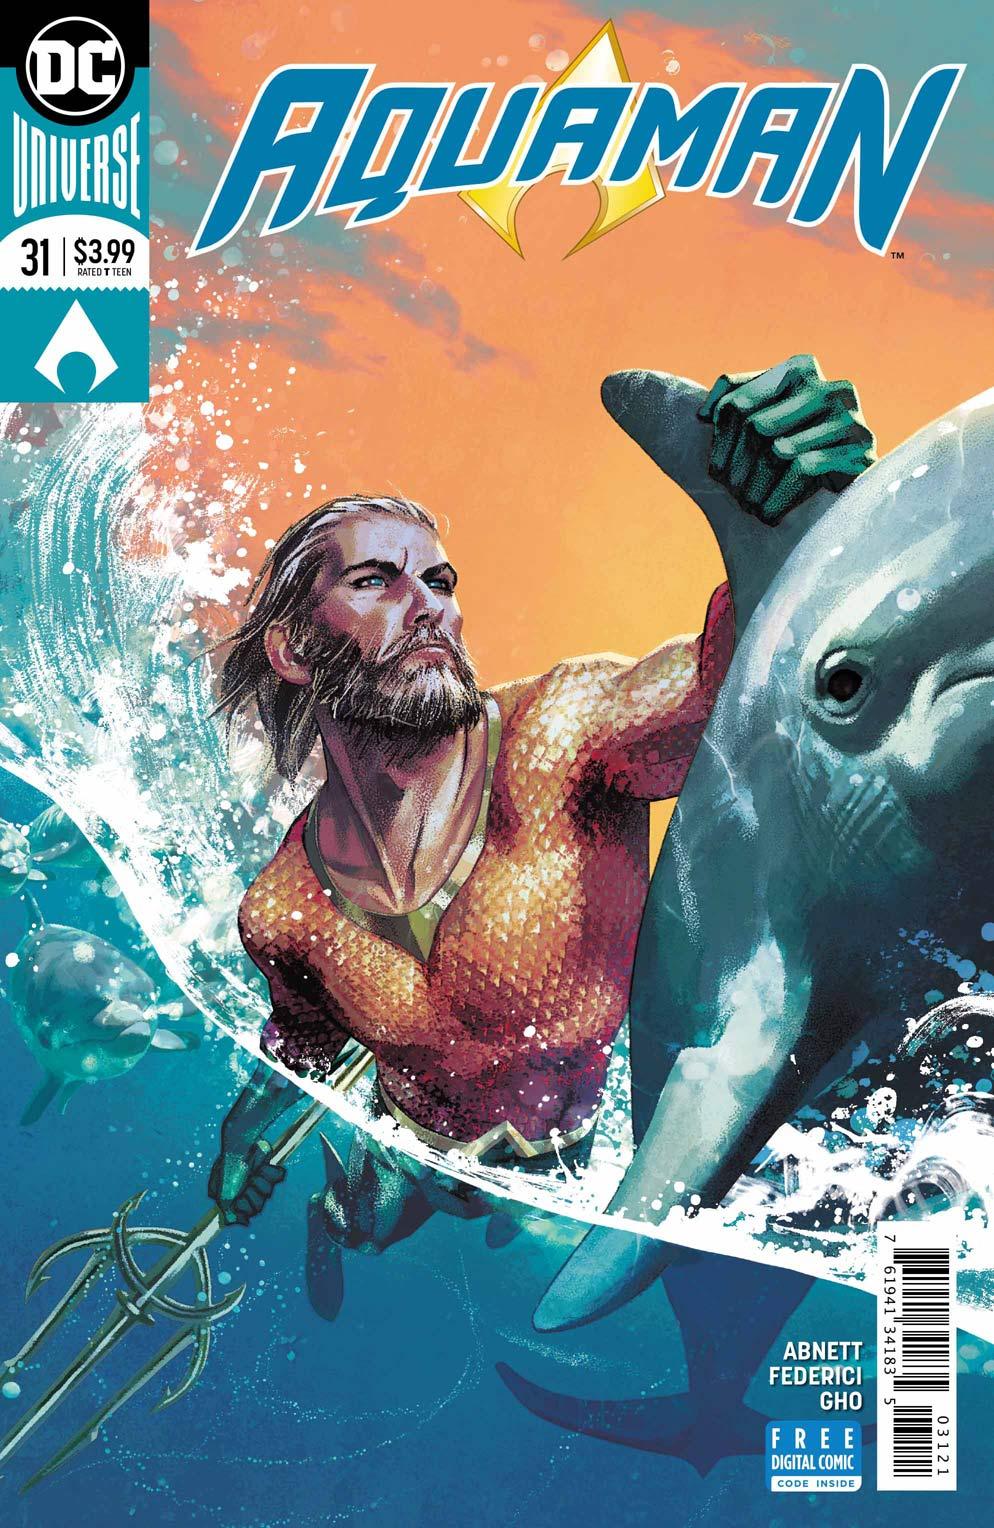 Aquaman 31 Variant - DC Comics News